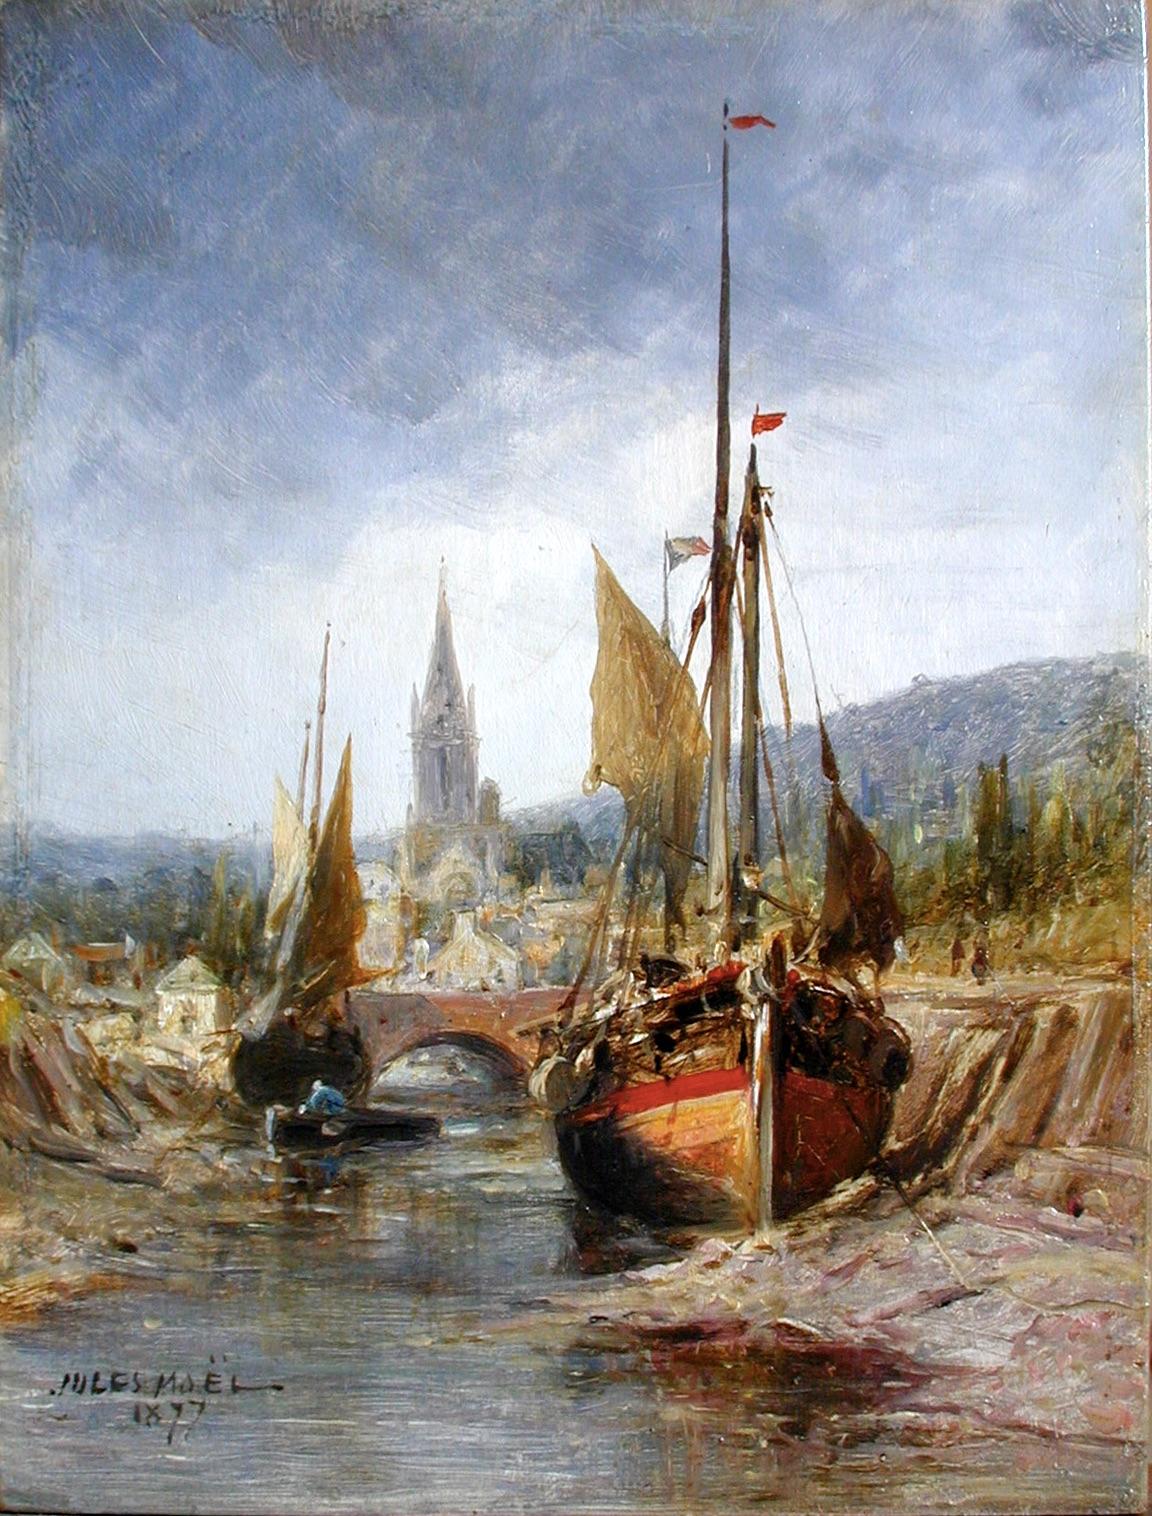 Jules Noêl, Bord de Rivière, 1877 © Musée de Valence, photographie Béatrice Roussel